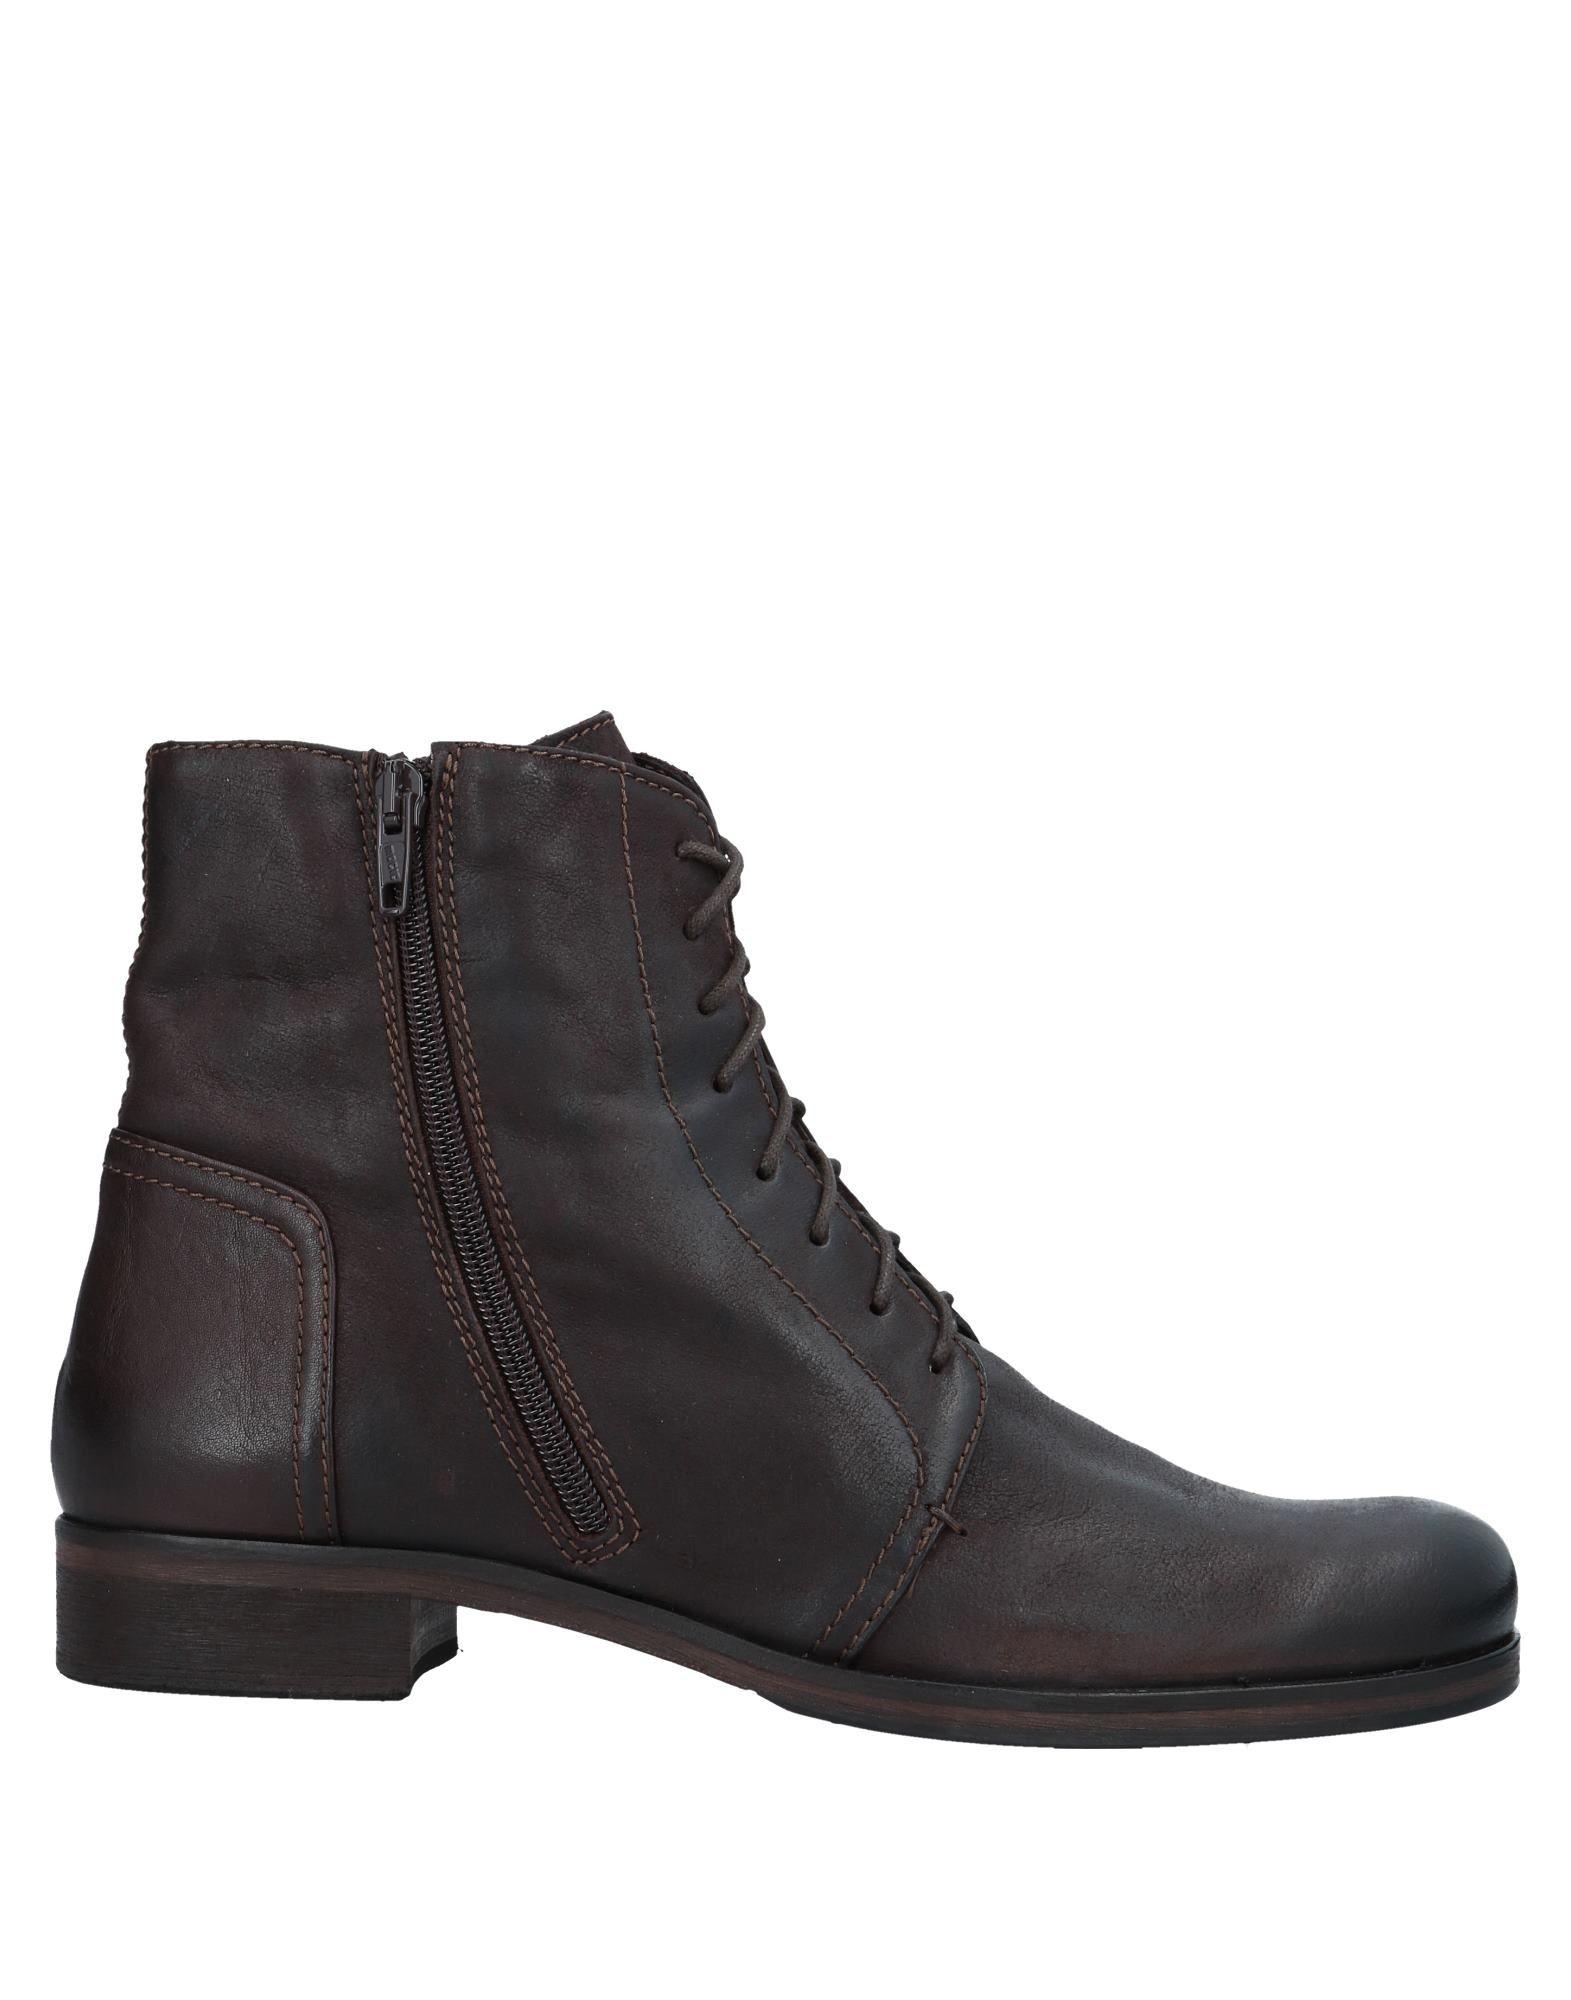 Gut 100 um billige Schuhe zu tragenHundROT 100 Gut Stiefelette Damen  11546636VW 7c3f66